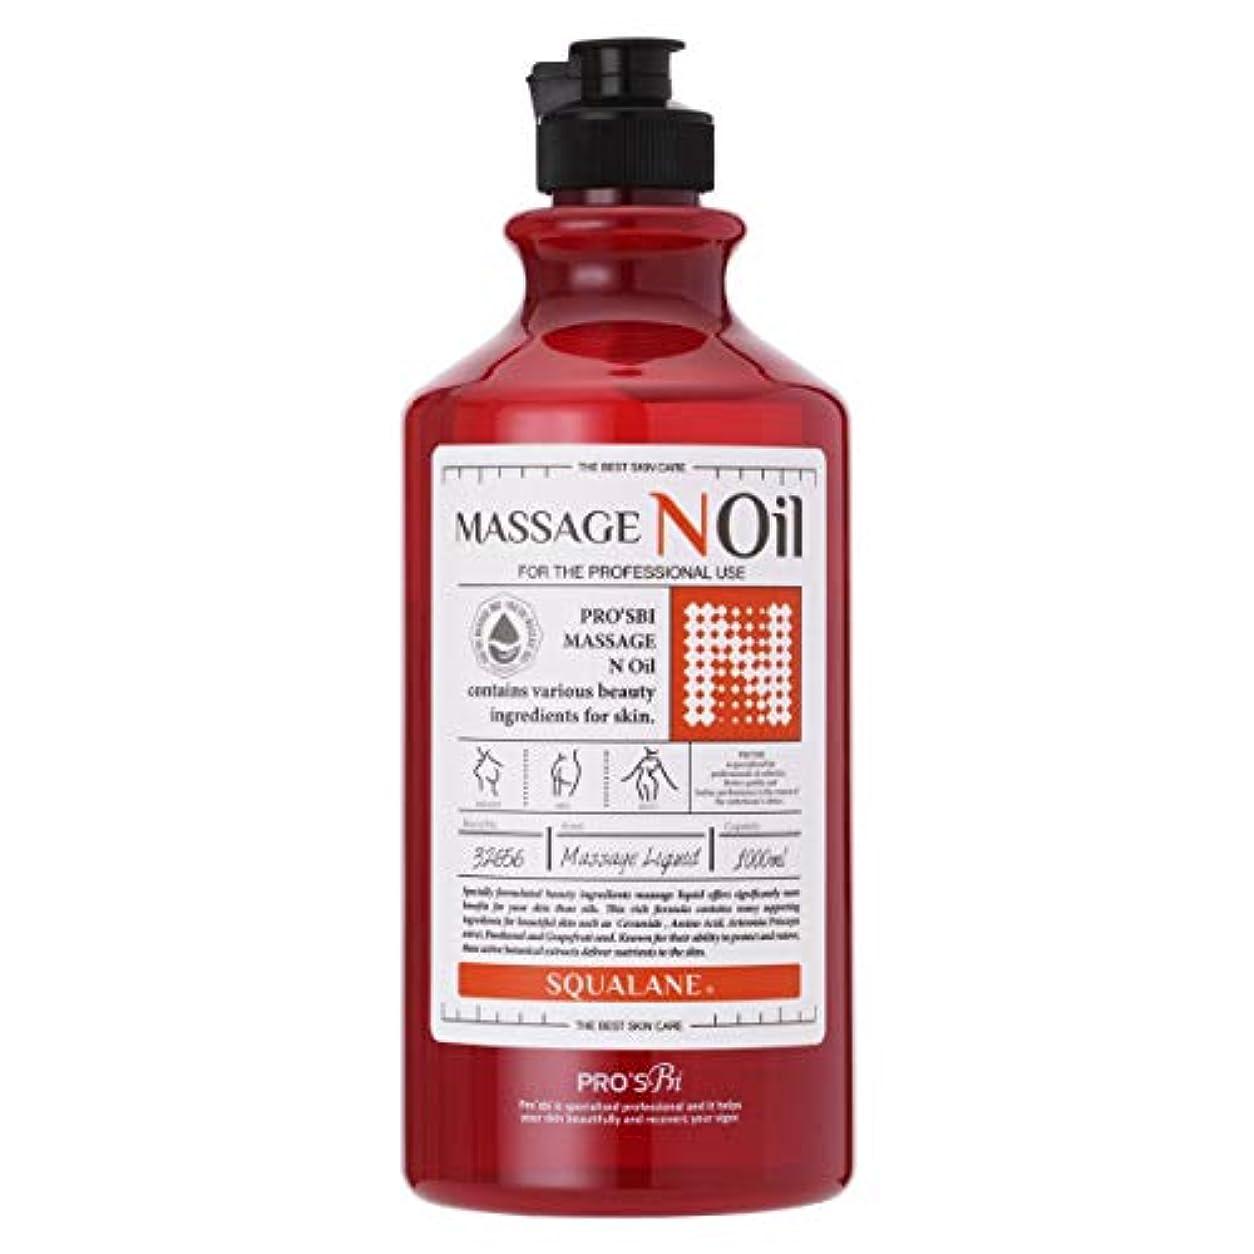 オセアニア時どこでもプロズビ マッサージノイル スクワラン 1L (全6種類/全2サイズ) [ オイルフリー マッサージオイル マッサージジェル ボディマッサージオイル ボディオイル アロママッサージオイル マッサージリキッド グリセリン 水溶性 敏感肌 業務用 ]